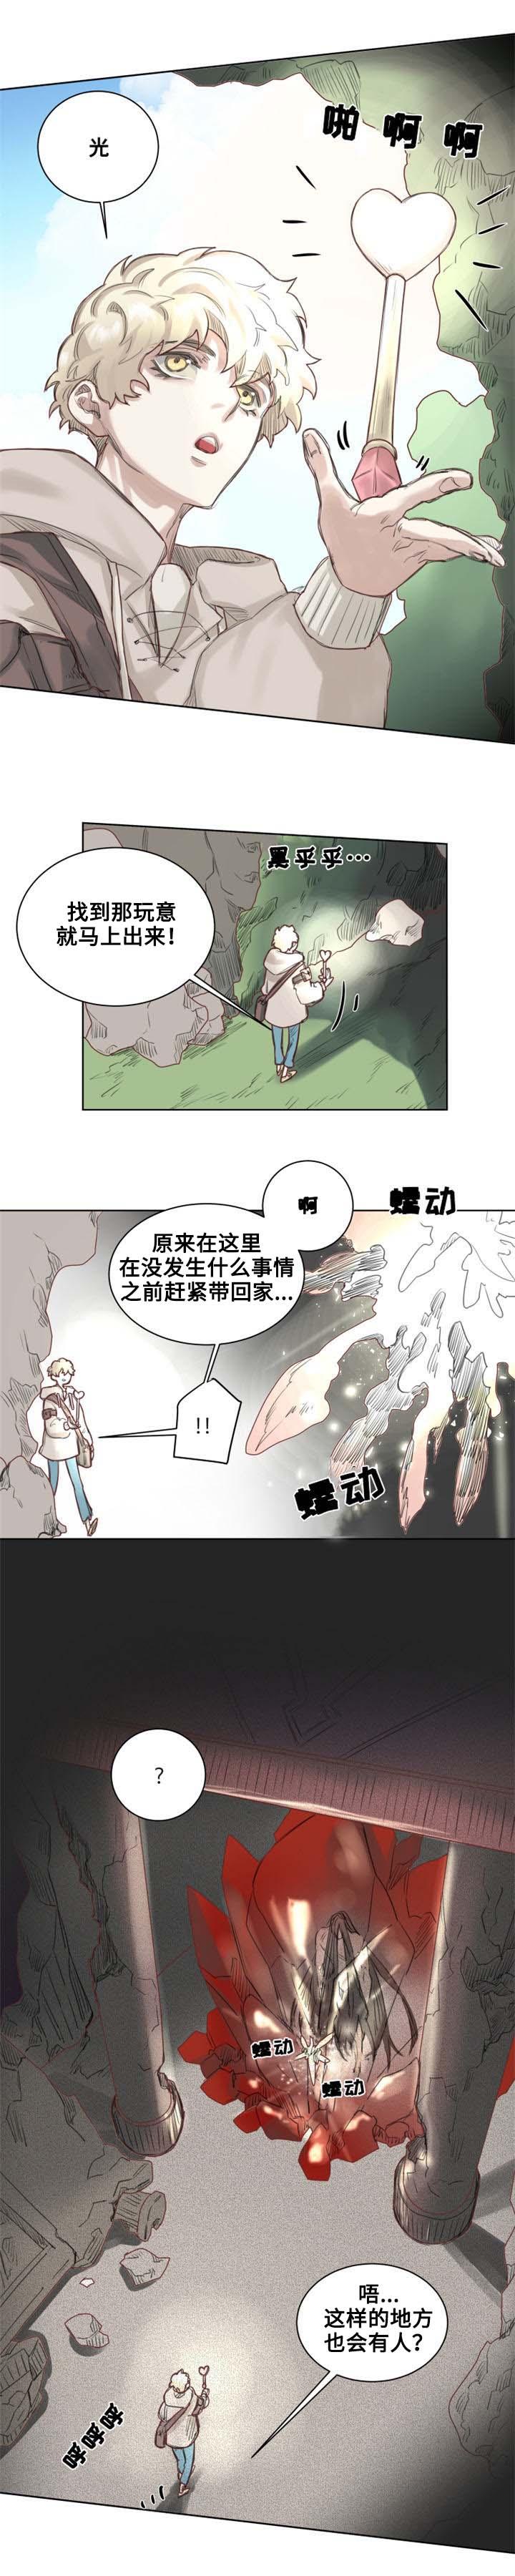 彩虹漫画大魔王布莱克全集免费在线阅读